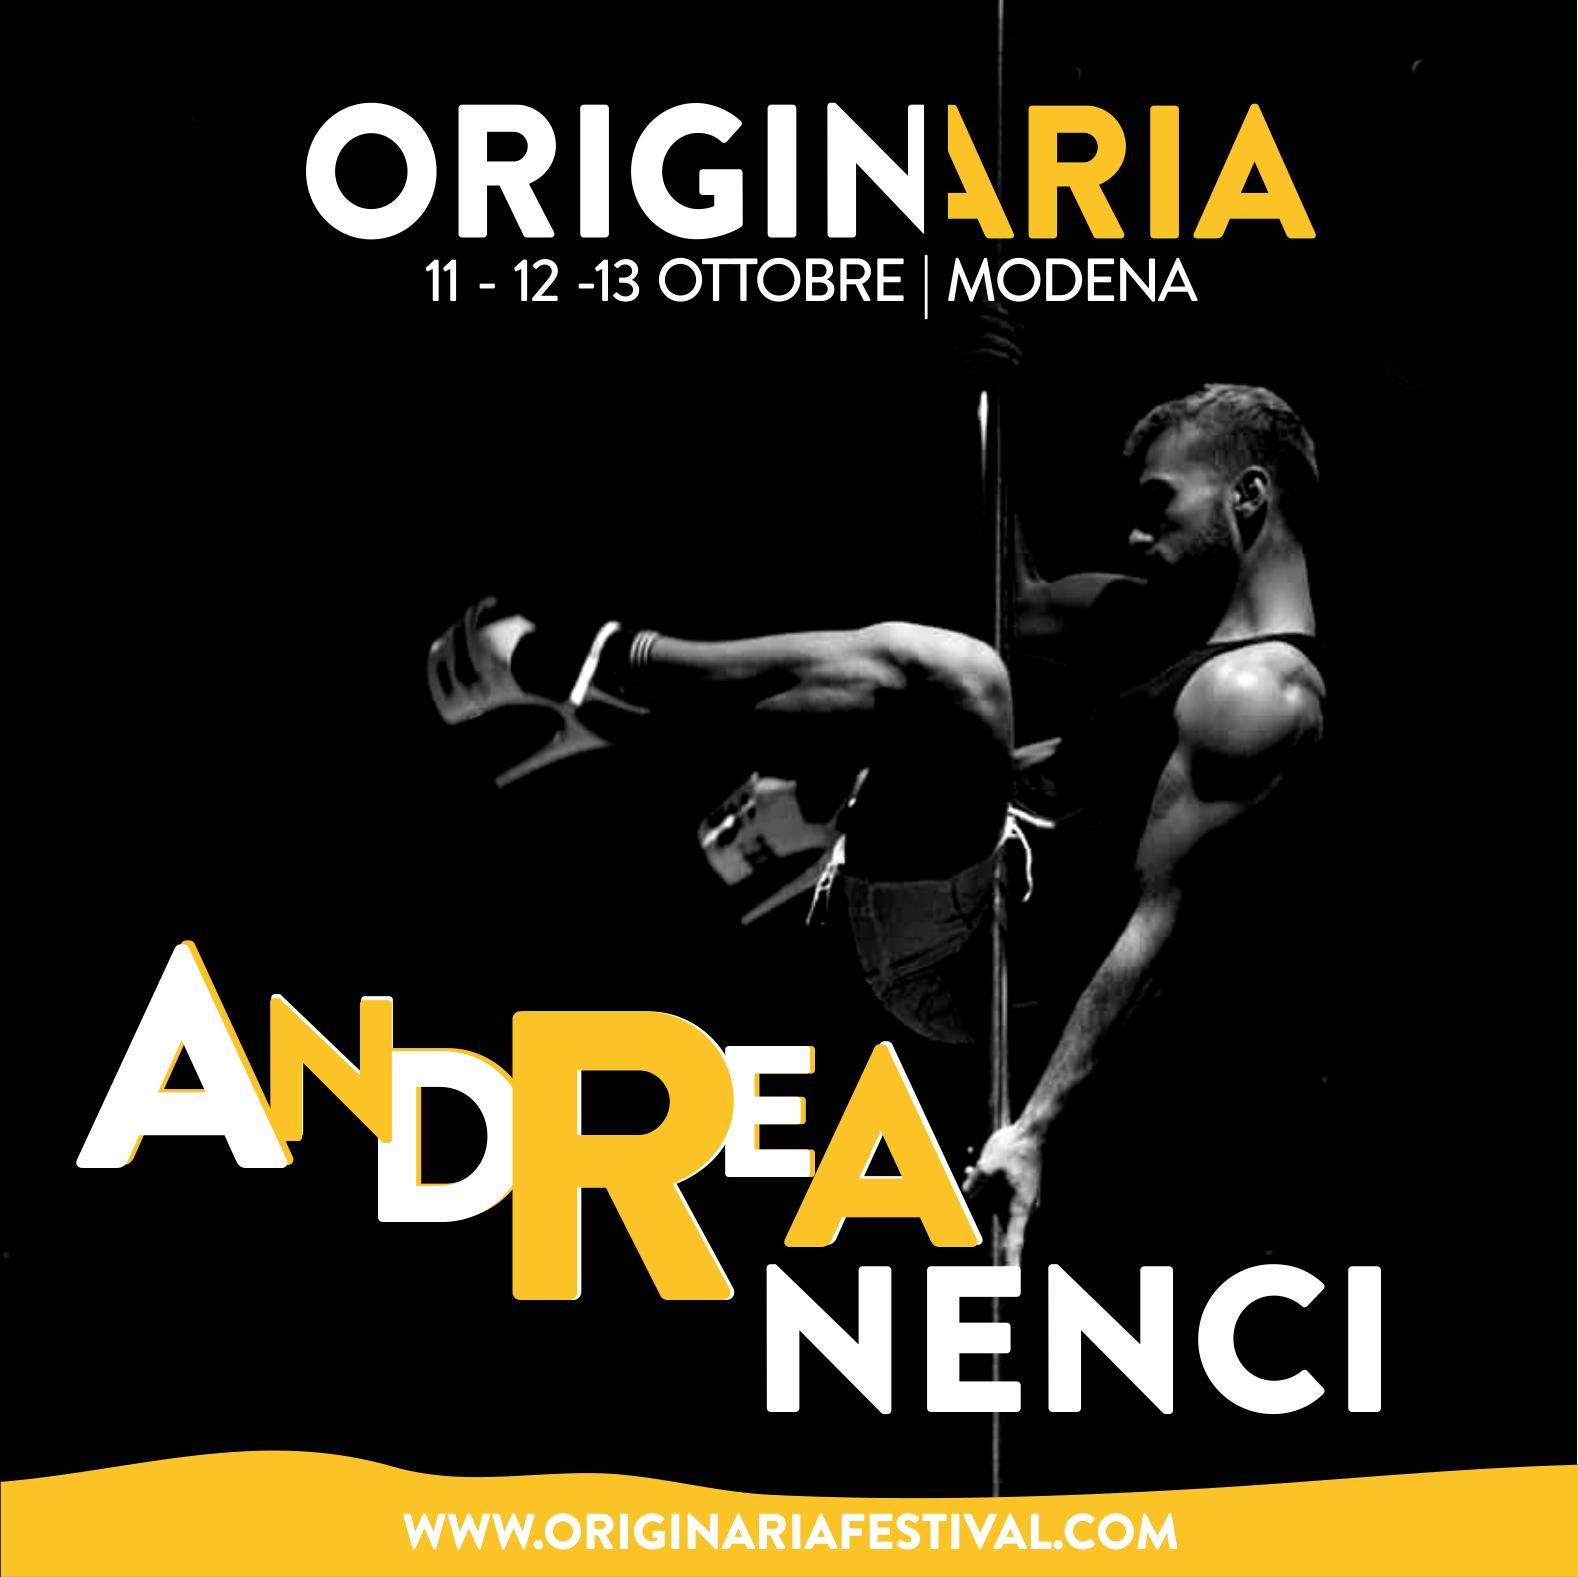 Andrea Nenci OriginAria Festival